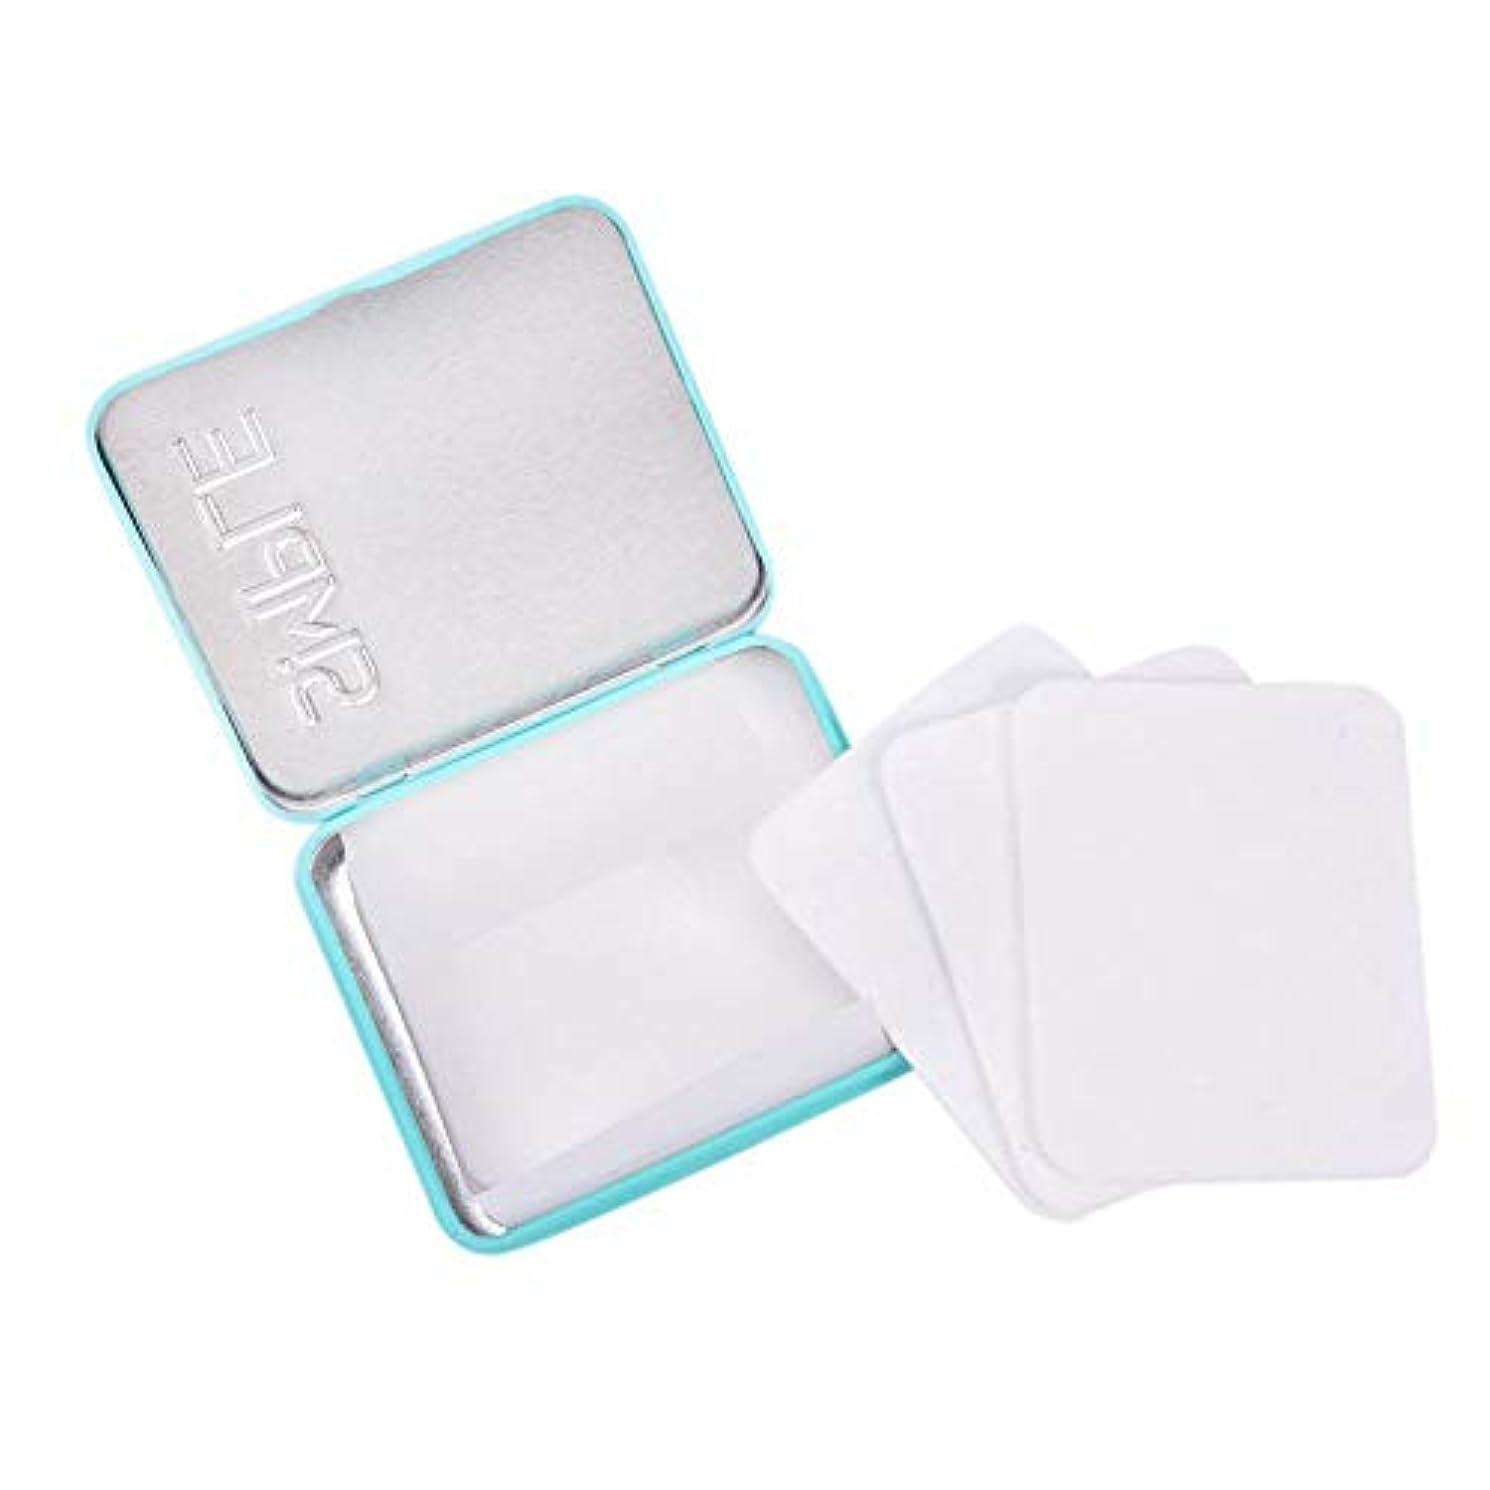 洗える化粧除去パッド 10個入りソフトクリーニングコットンラウンド化粧品洗顔料クリーニングコットンパッド 化粧道具